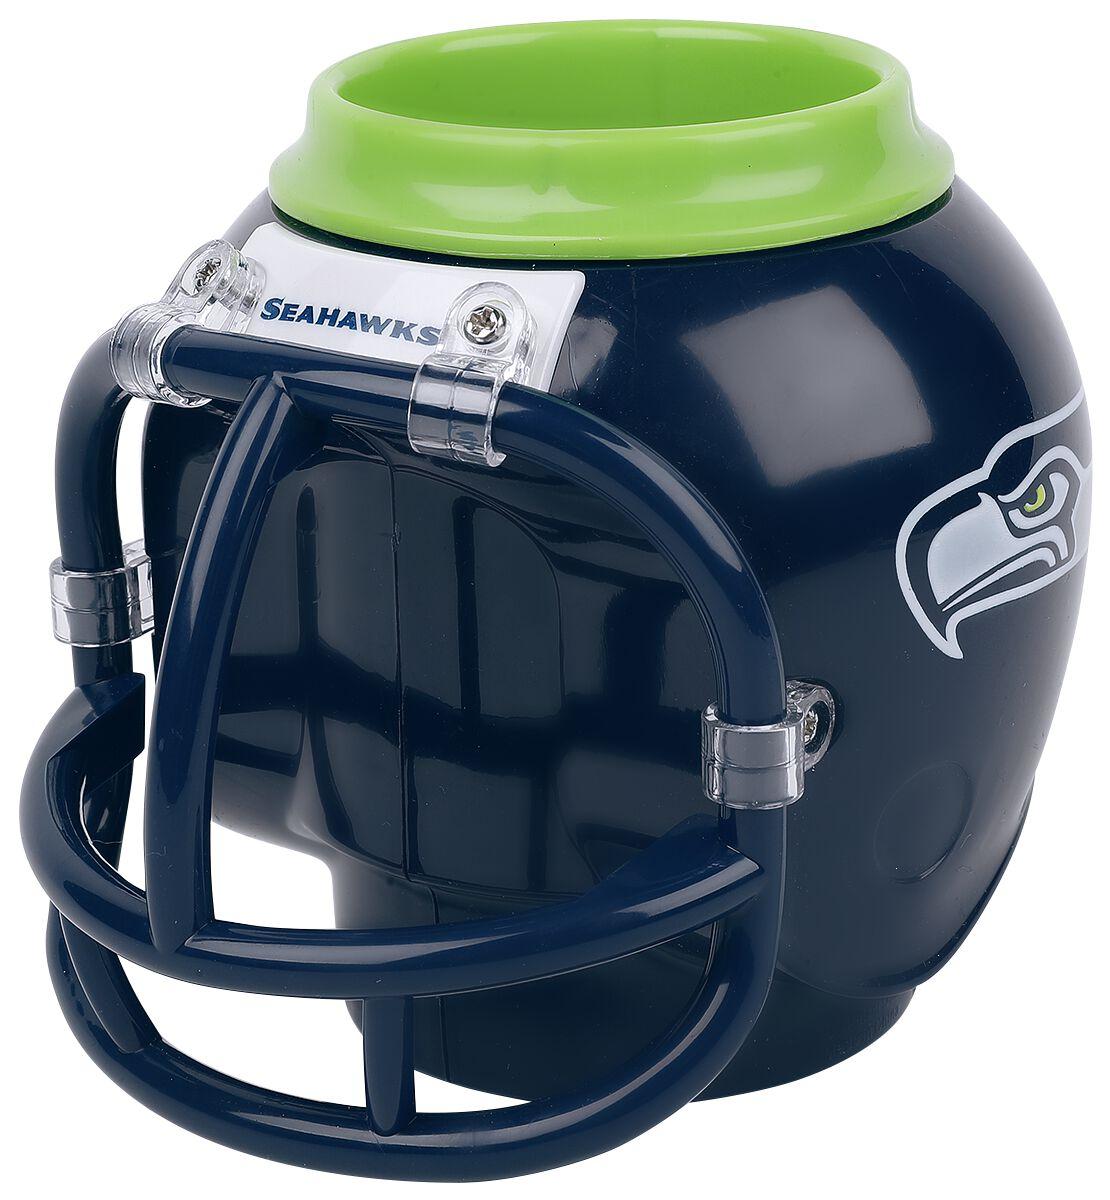 NFL Seattle Seahawks Tasse multicolor 3018226